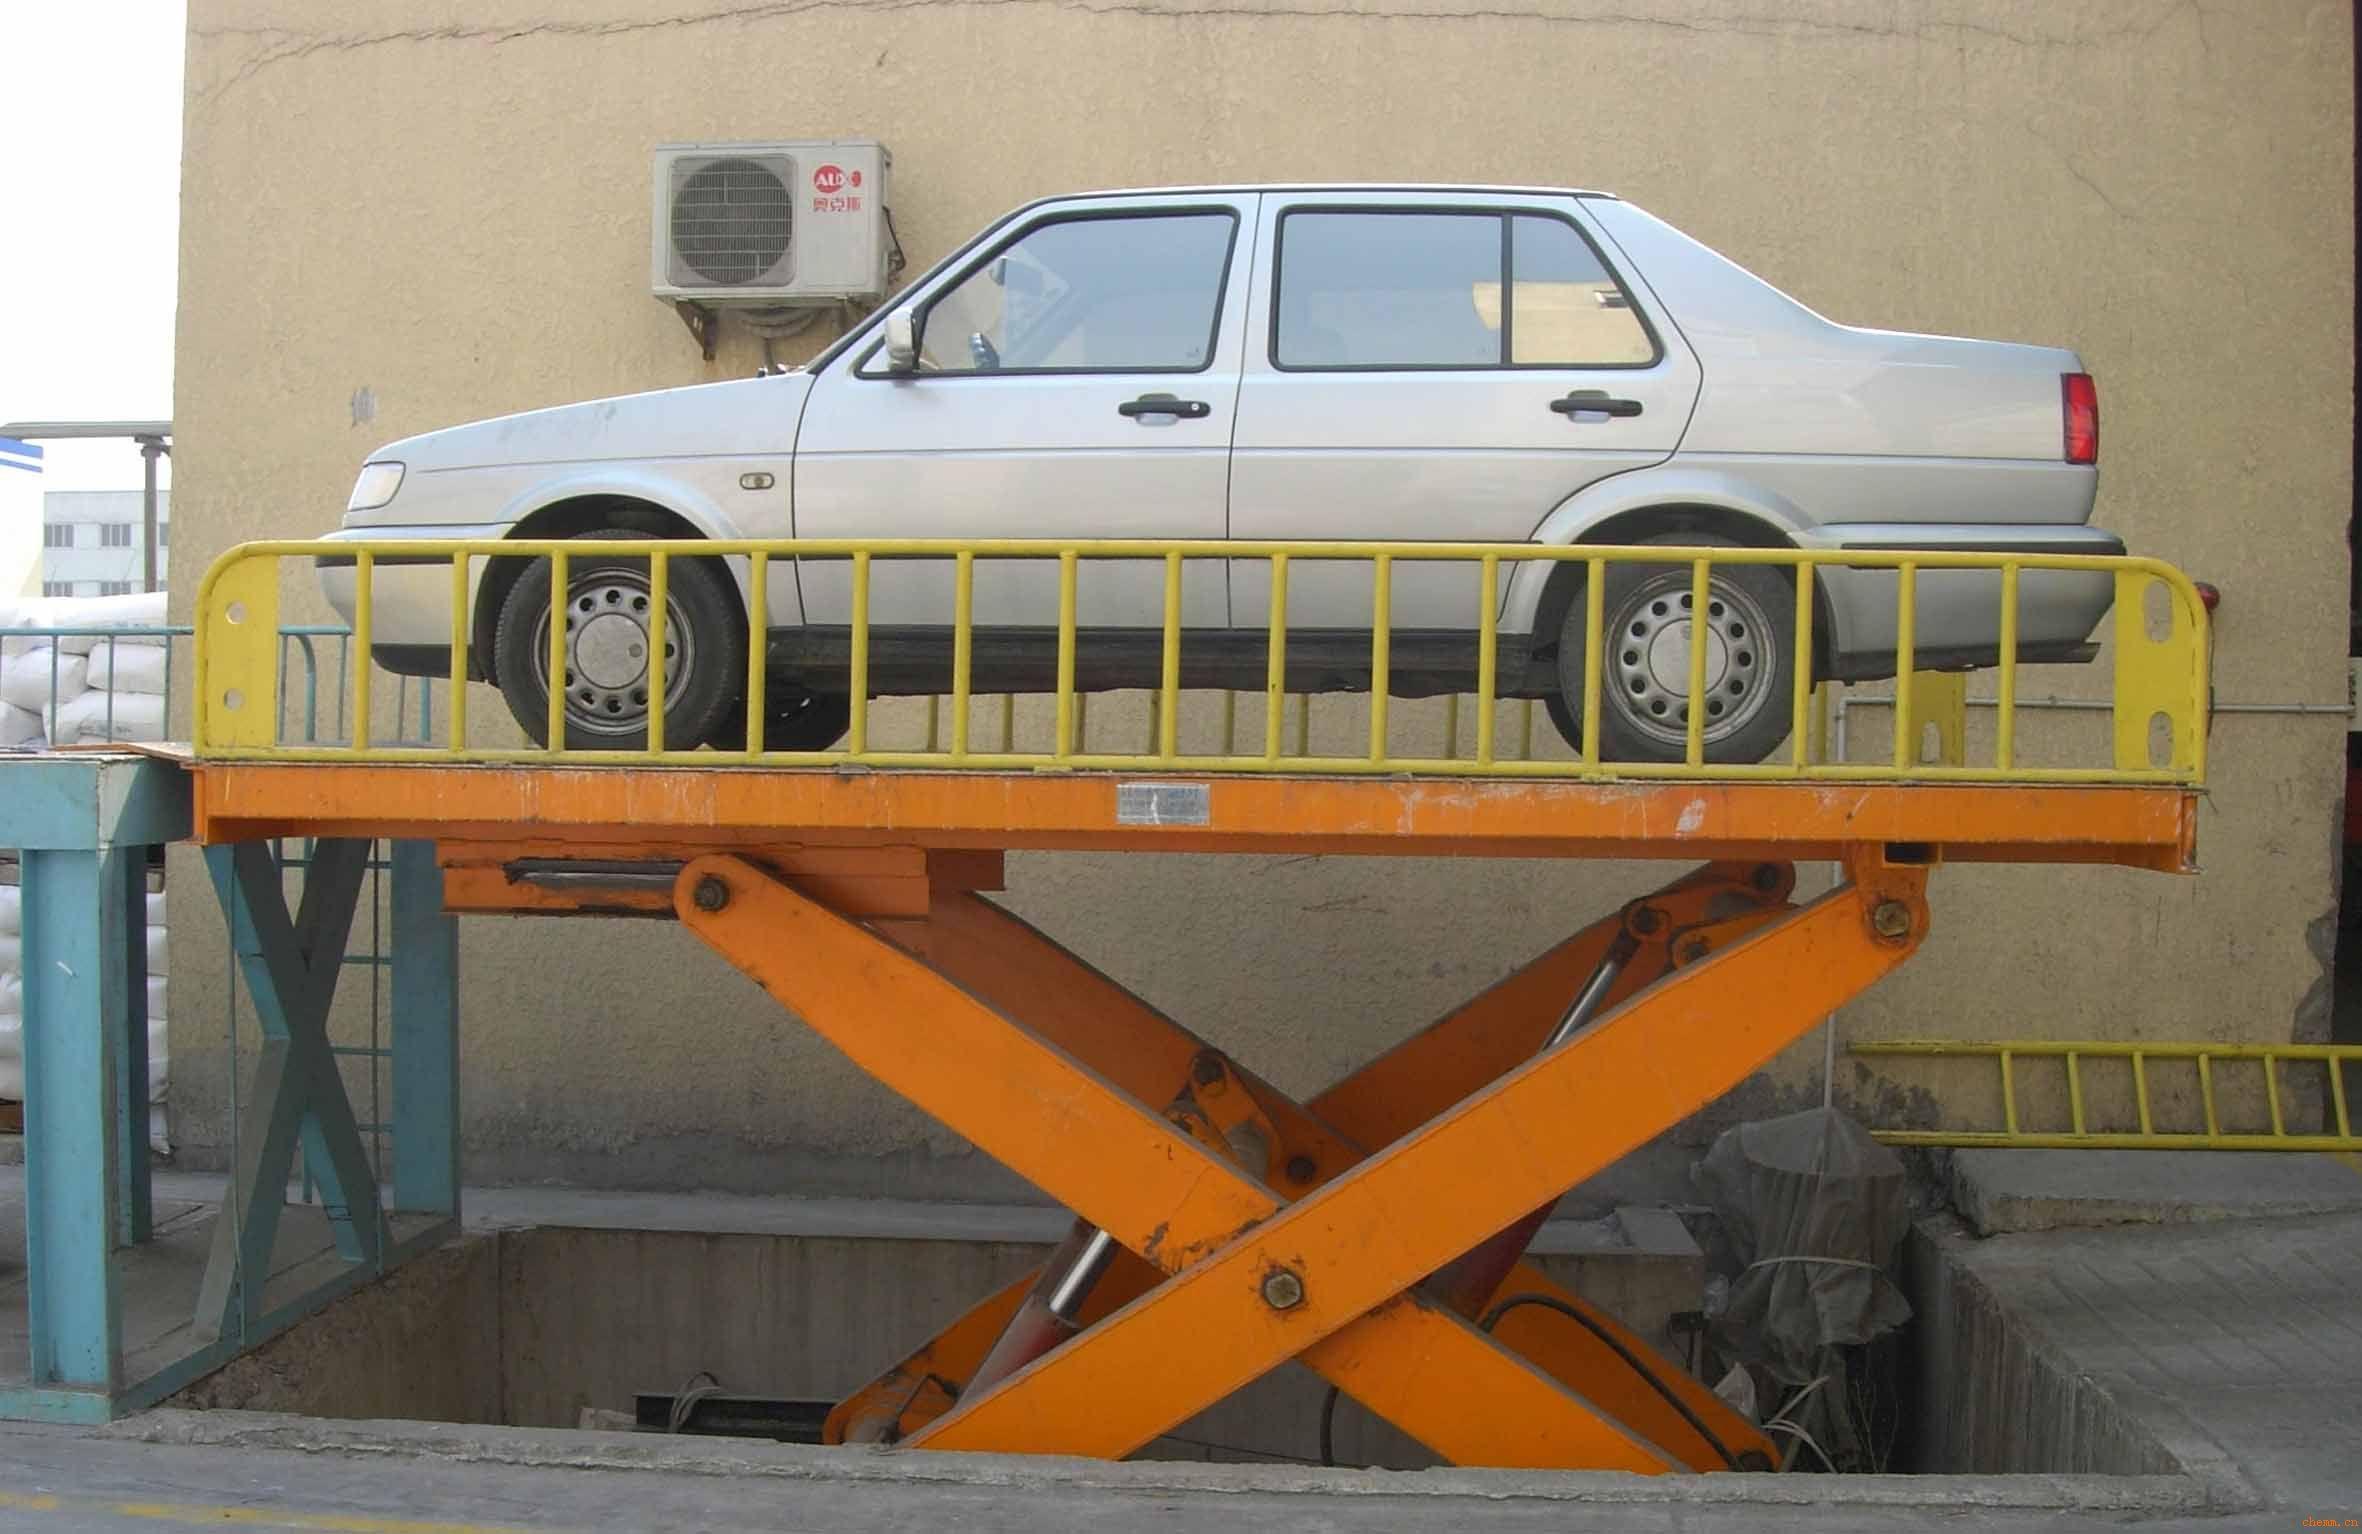 供应固定升降平台 供应剪叉式汽车升降台报价内蒙古包头市高清图片